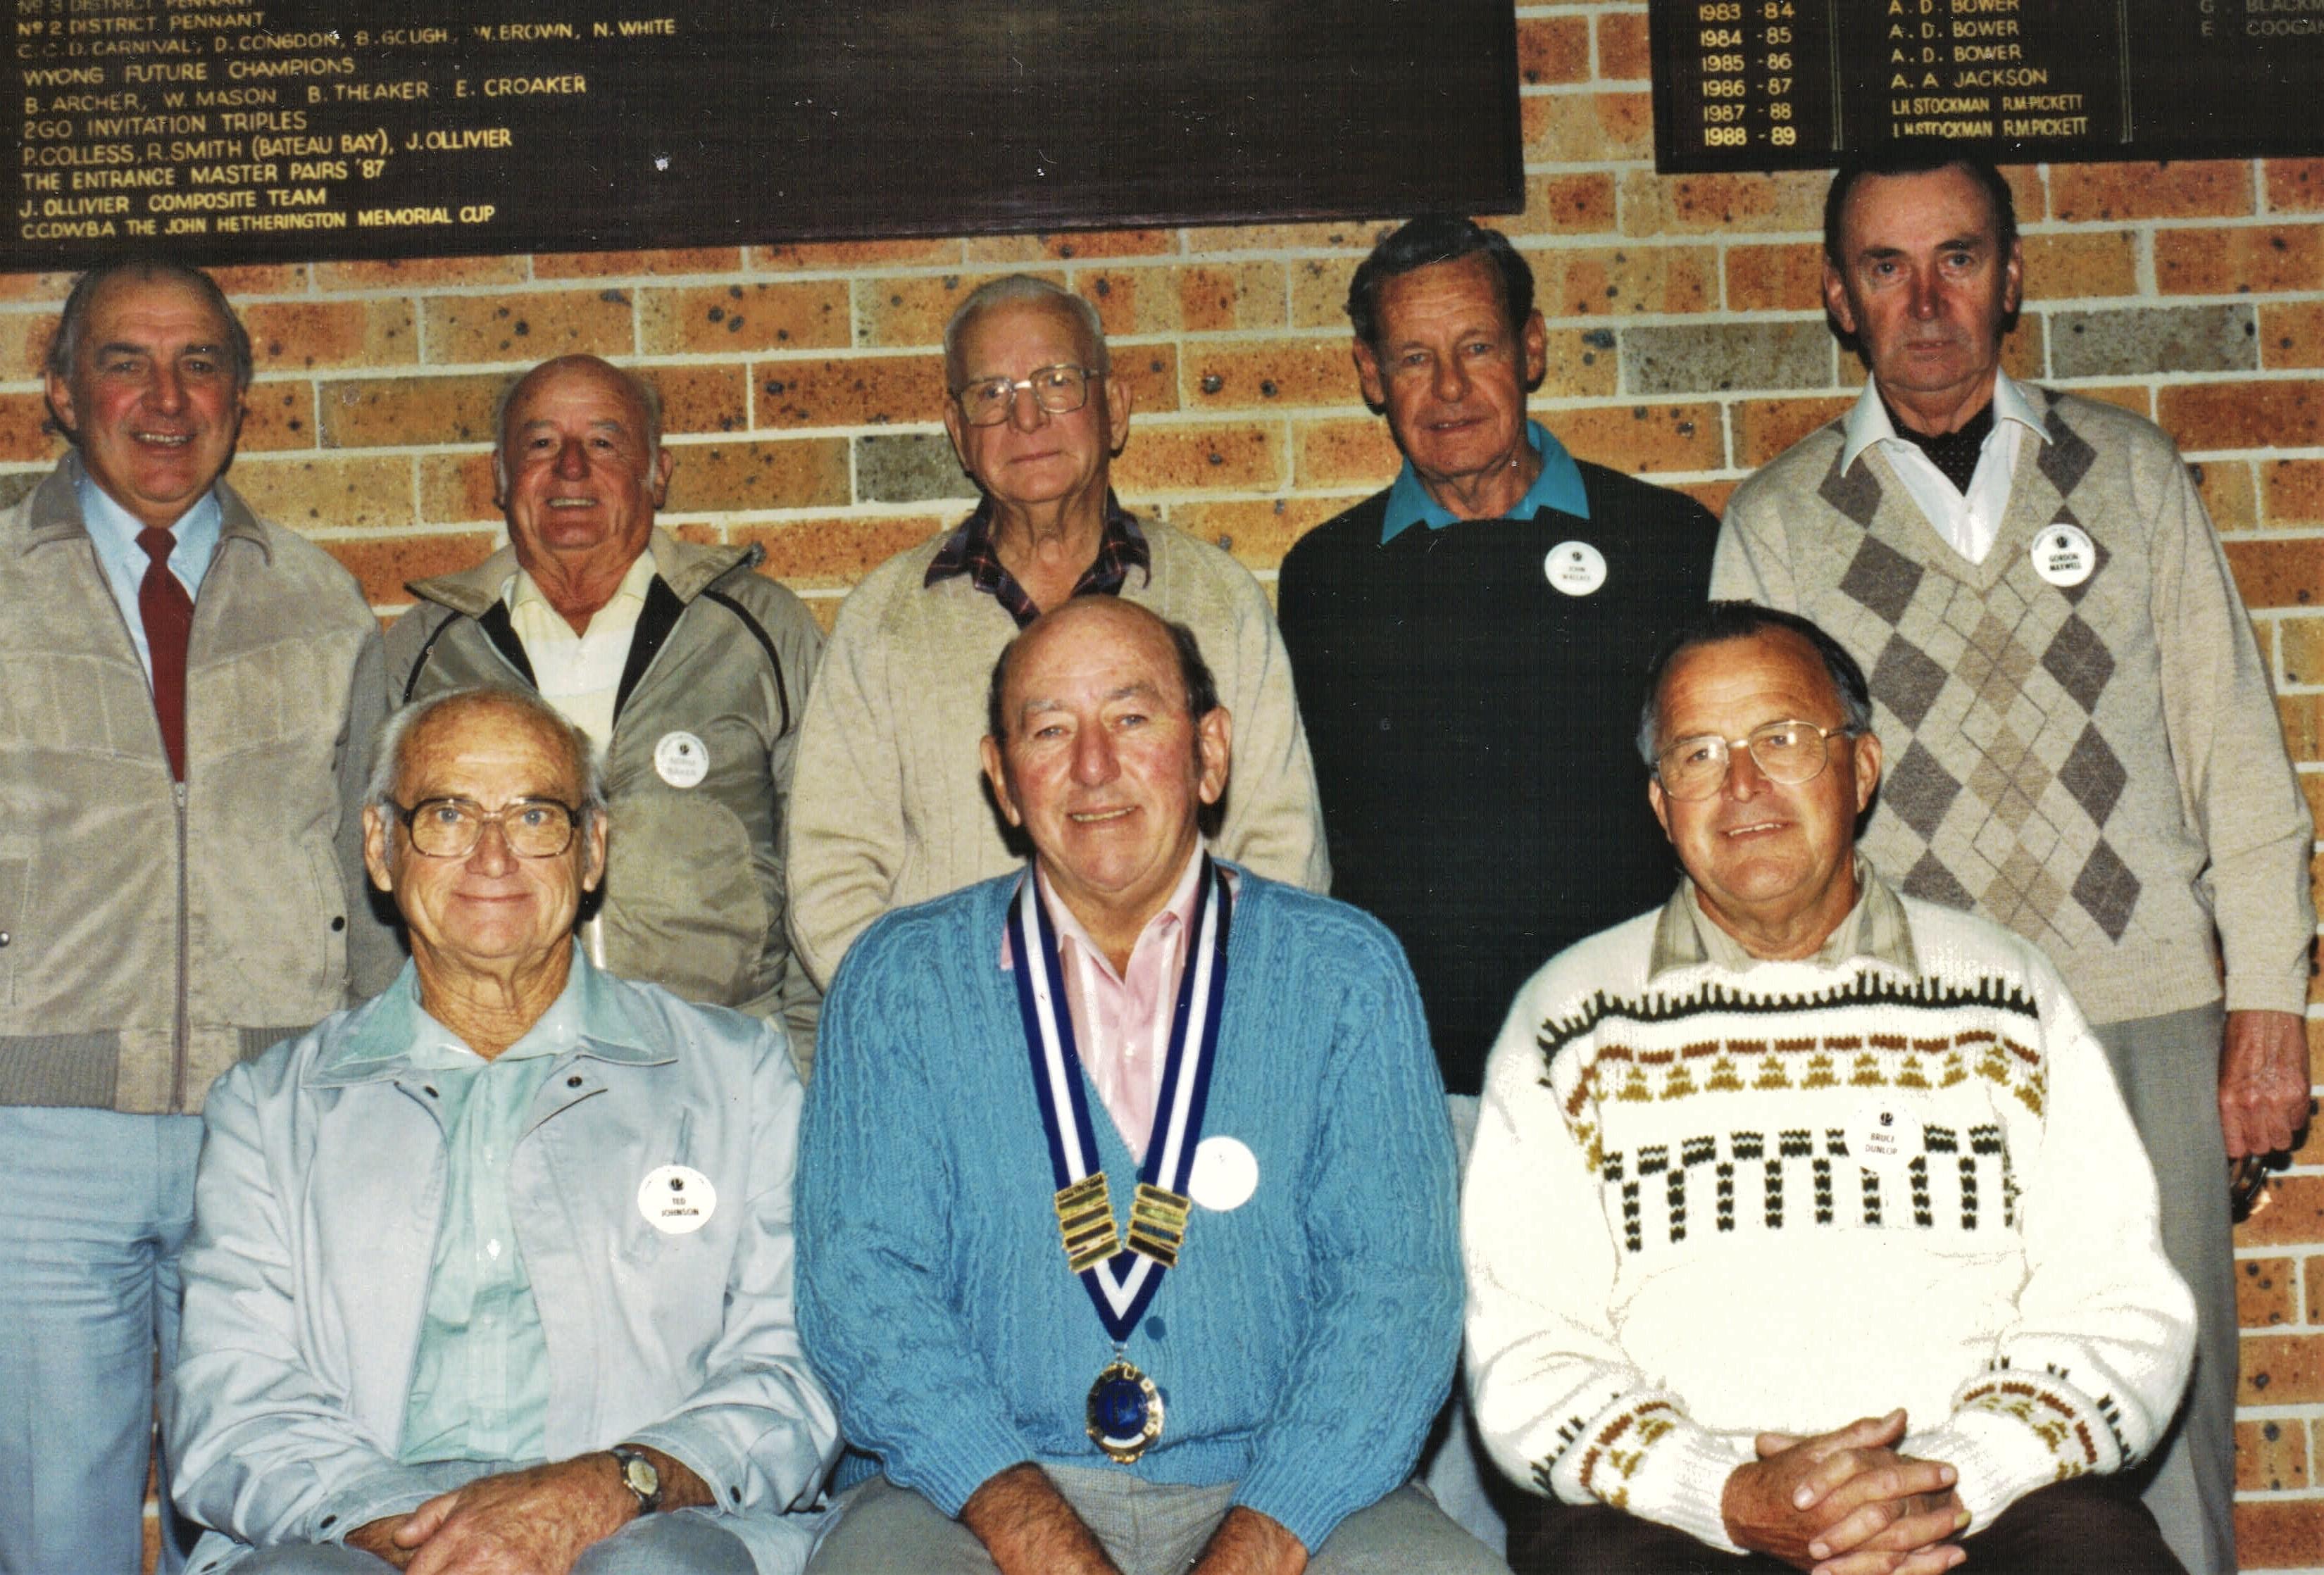 1992 Meetings Execuive Committee 23-6-92